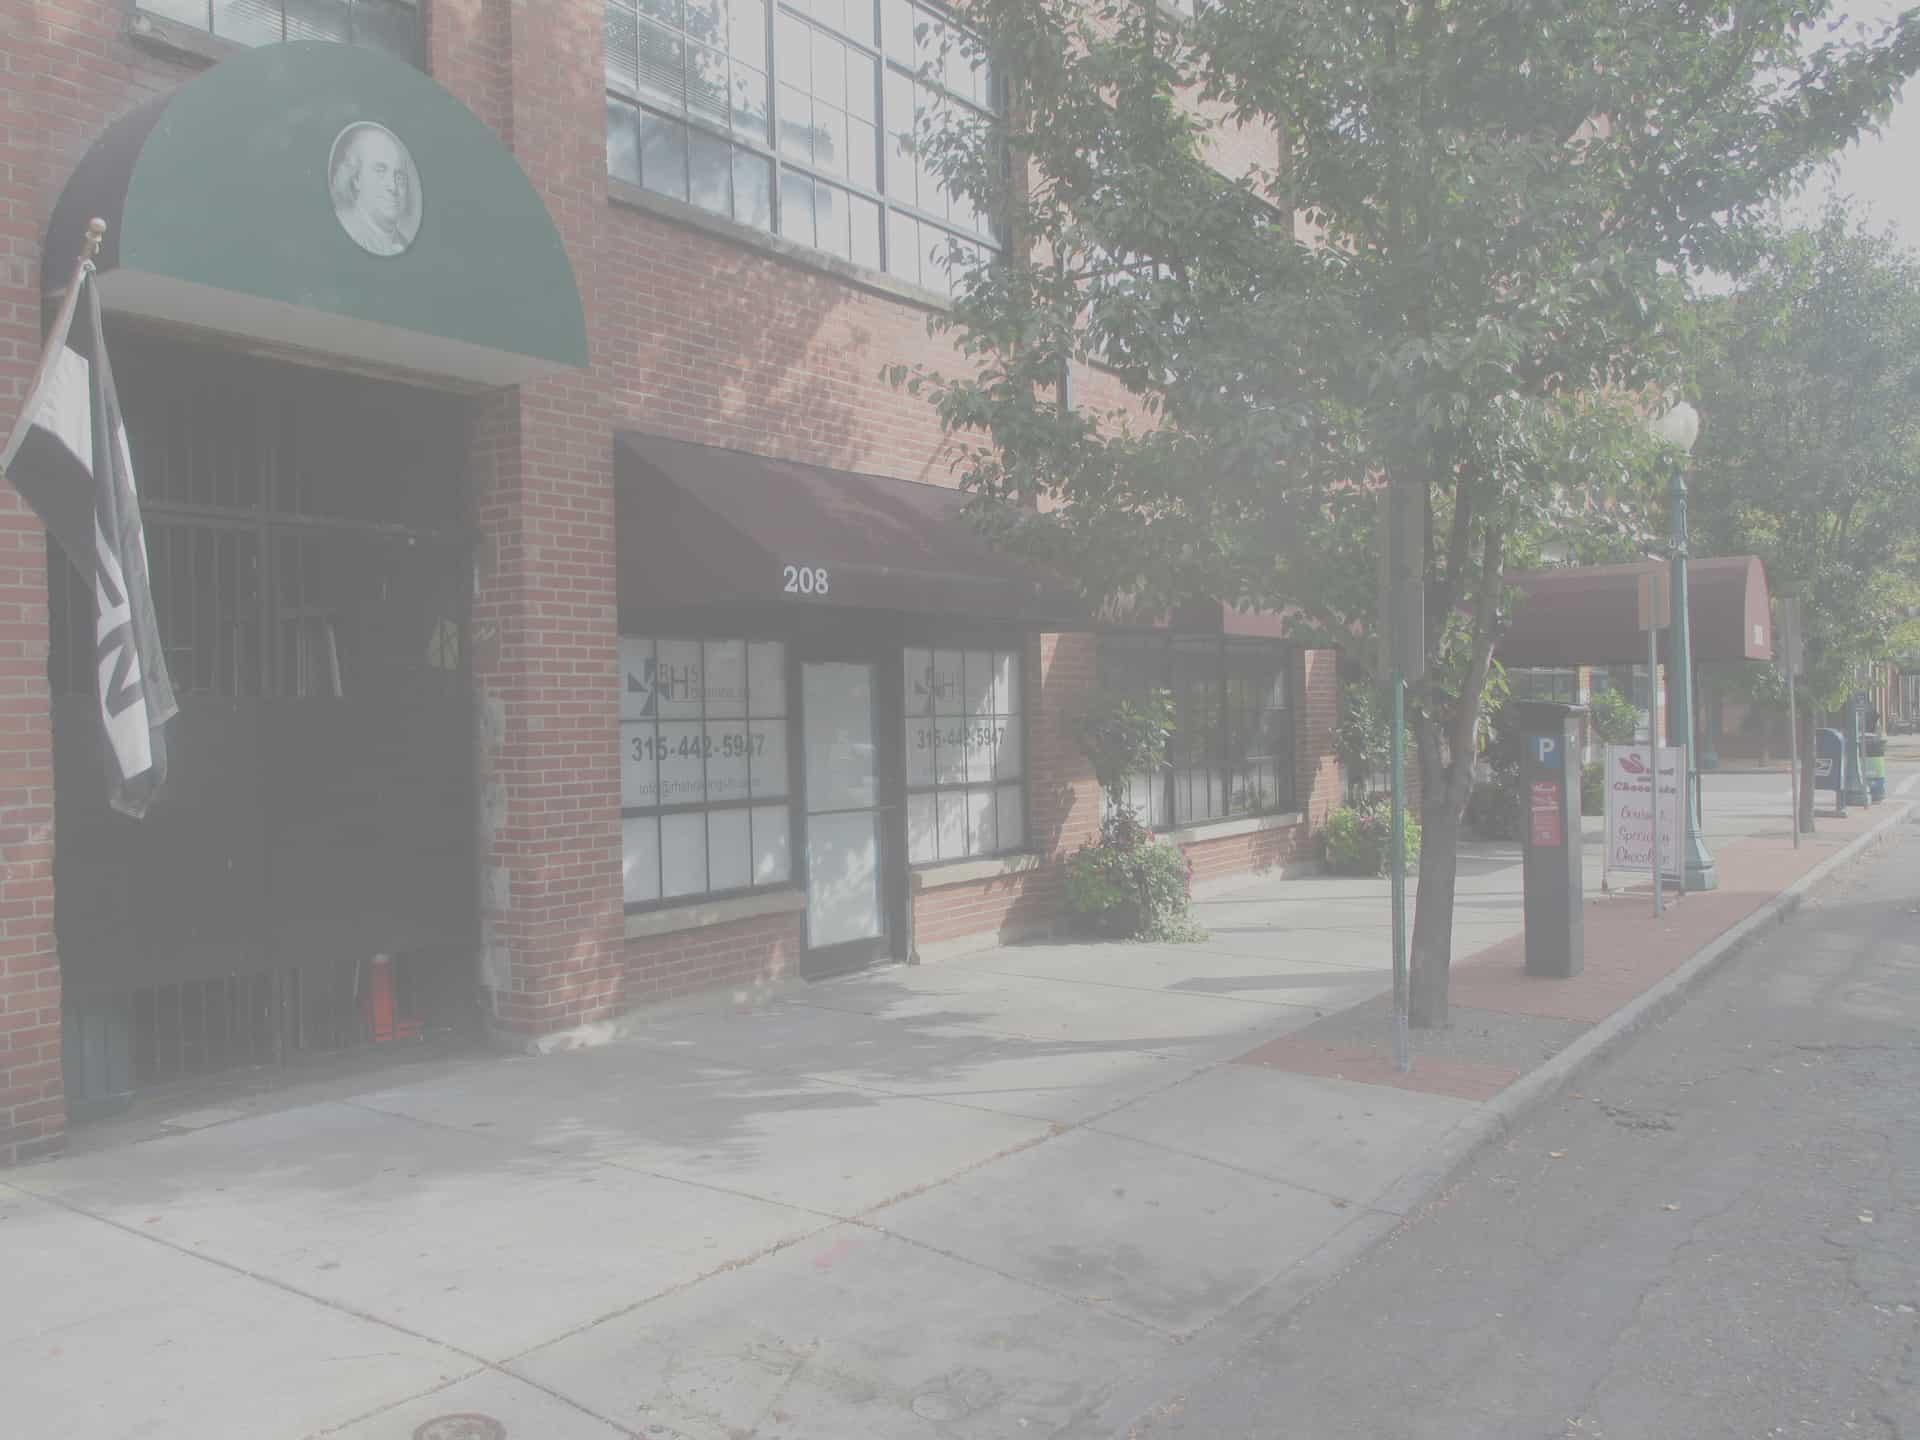 202 walton apartments armory square syracuse new york